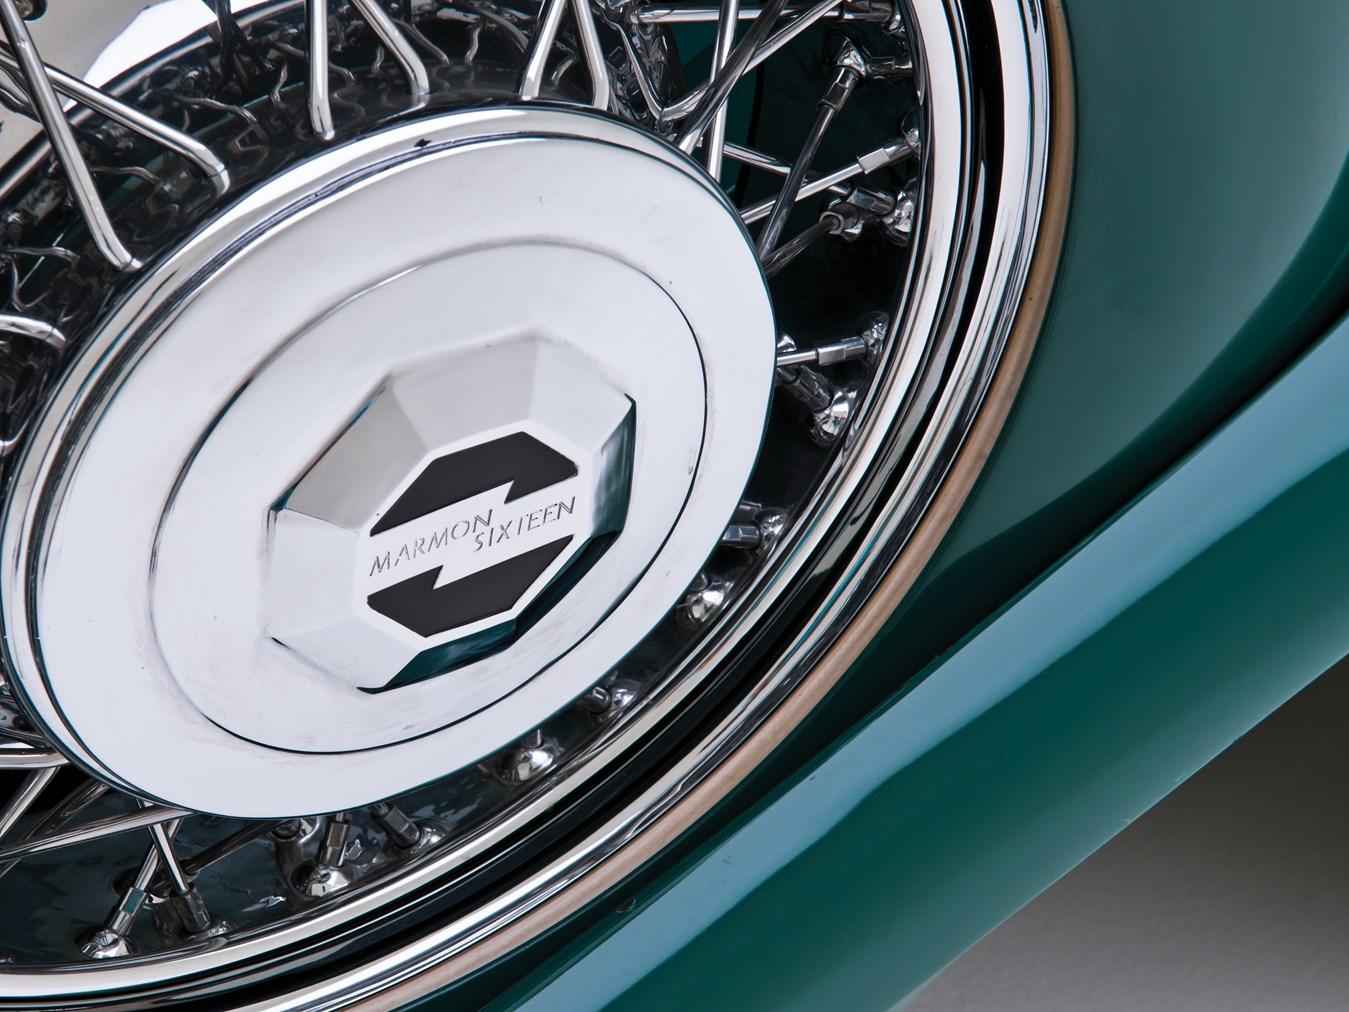 1932 Marmon Sixteen wheel